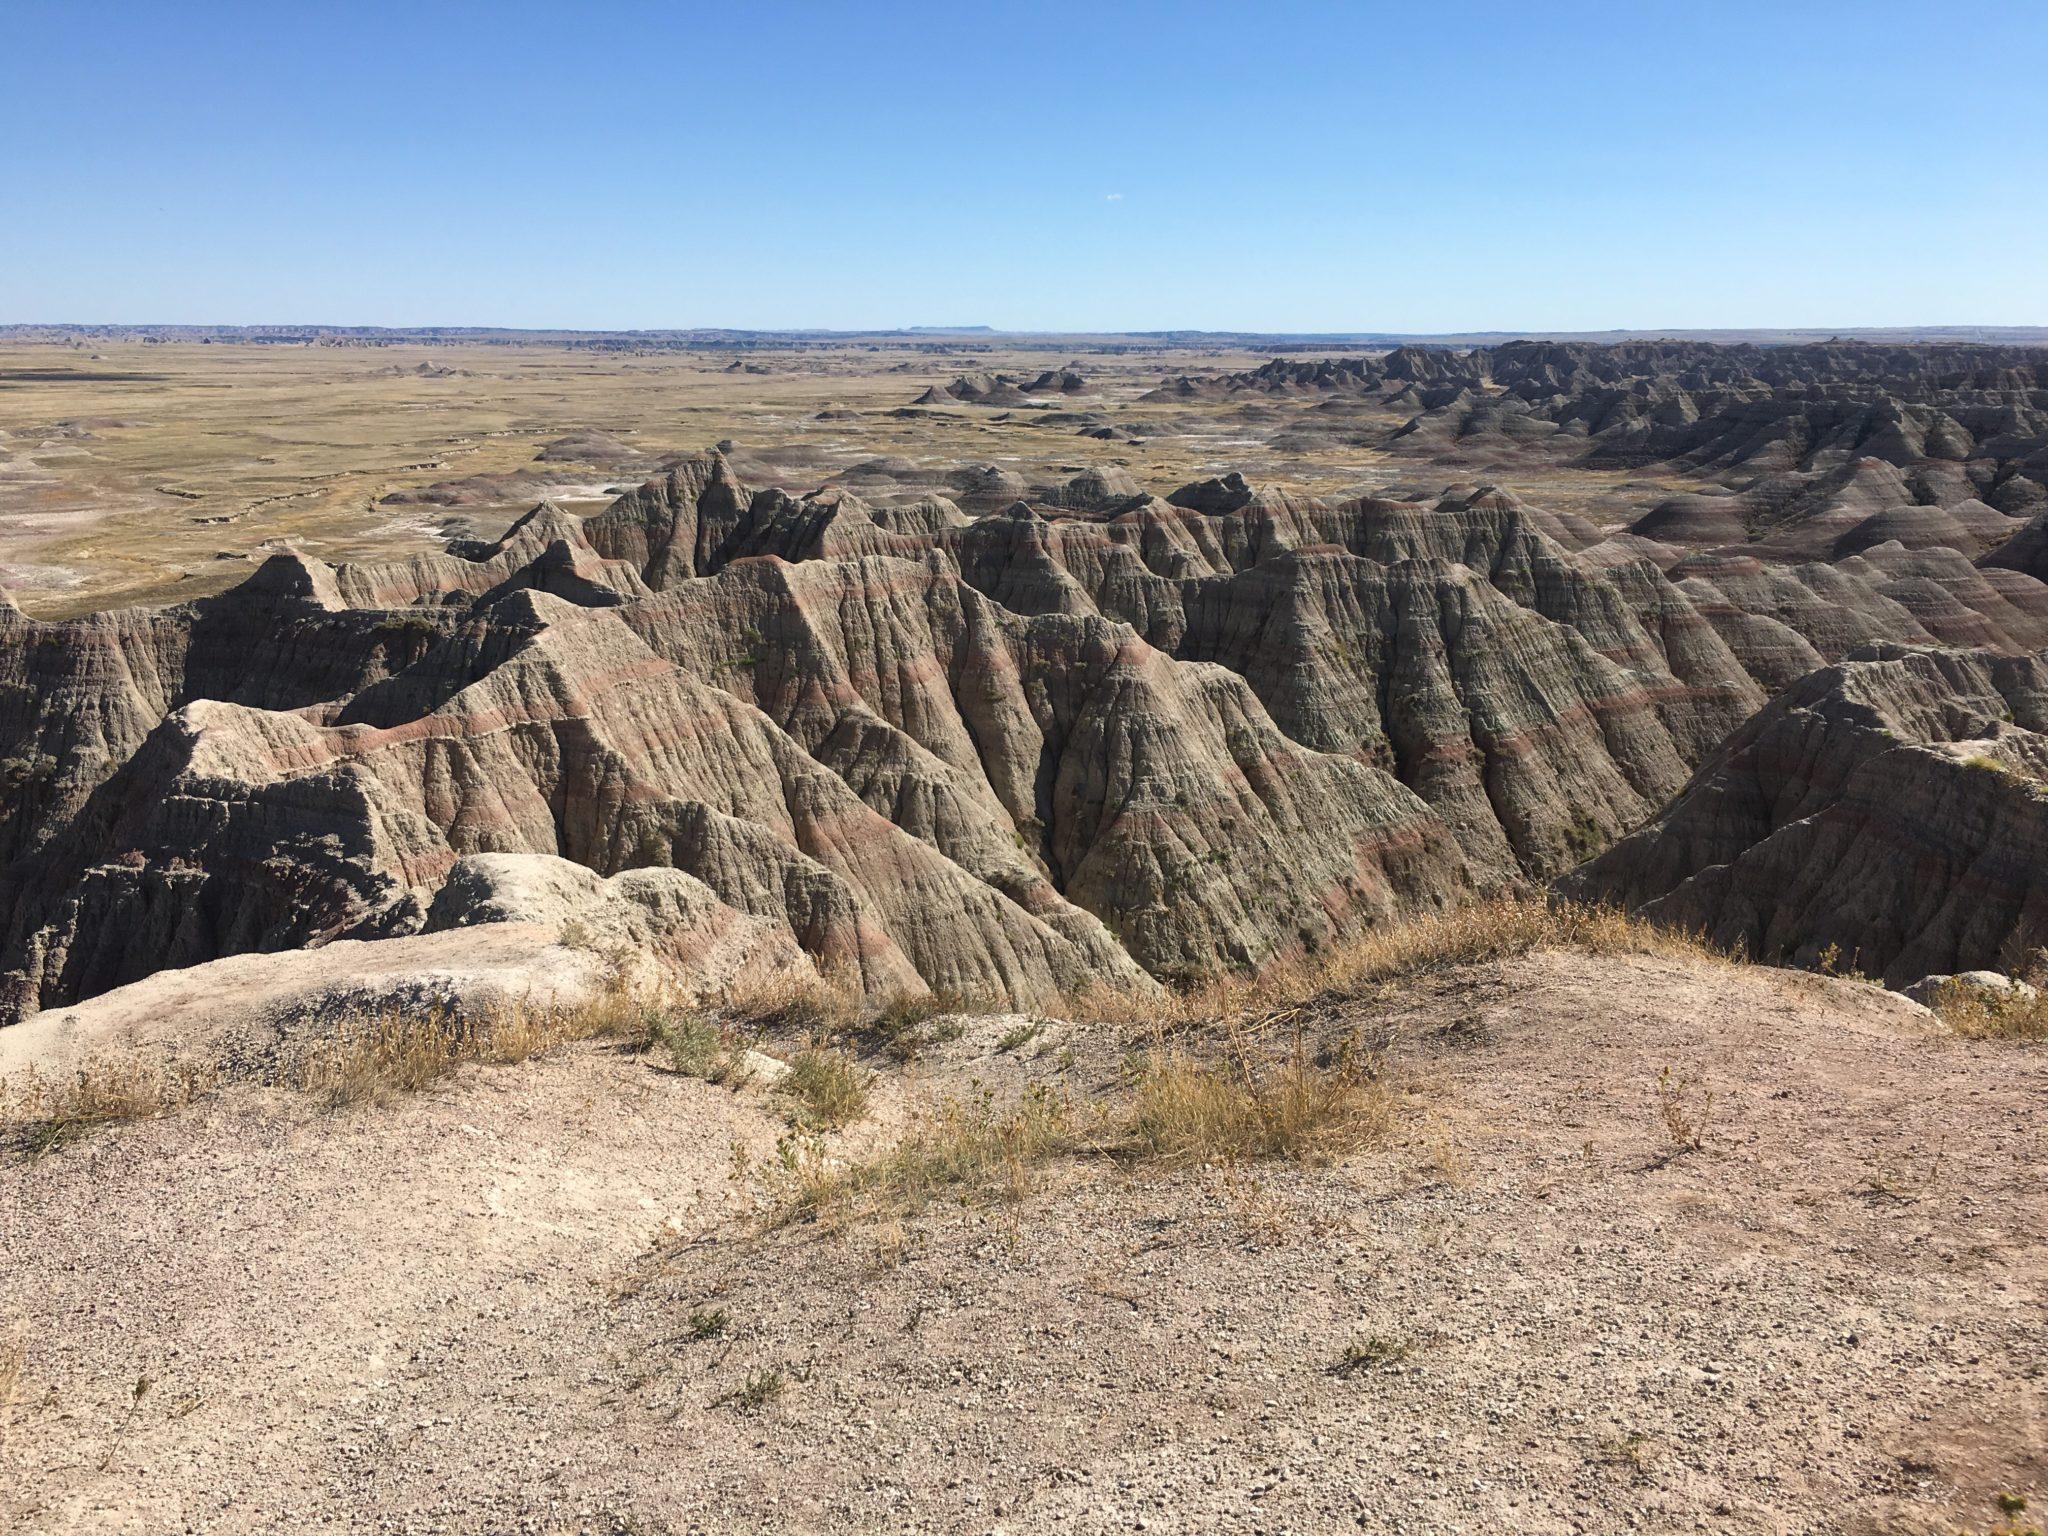 Badlands National Park – Part 1